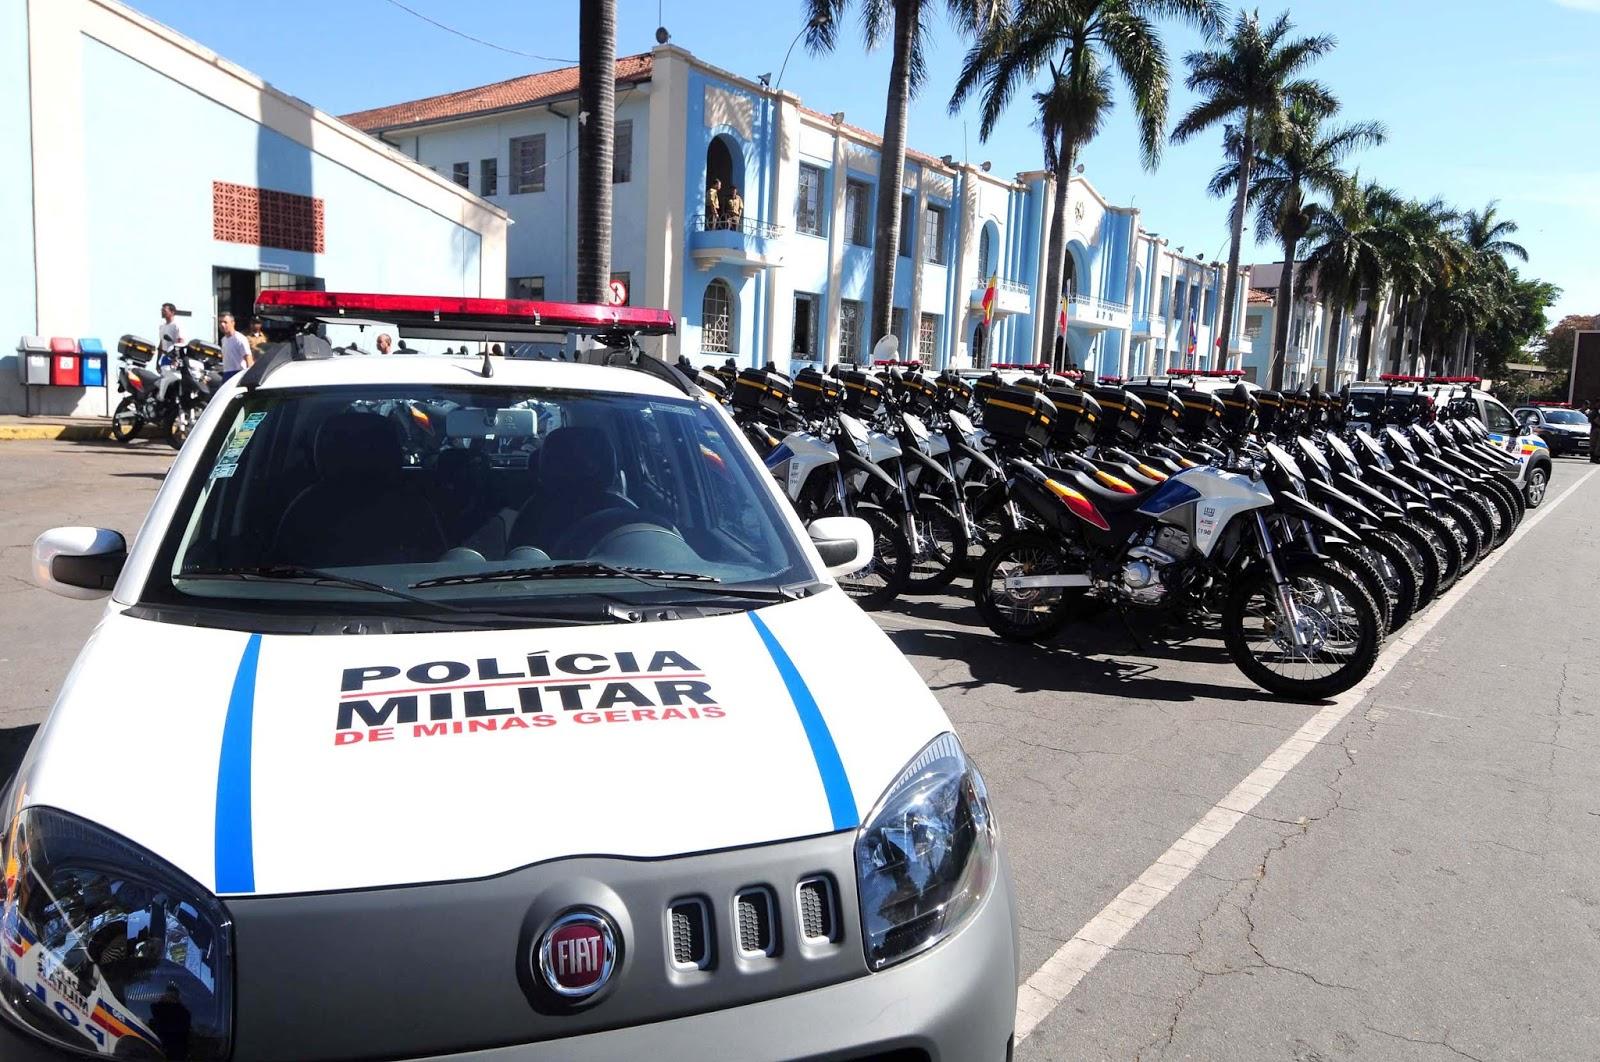 7caa6d51808 Mais de 200 novas motocicletas já estão nas ruas da Região Metropolitana de  Belo Horizonte para facilitar o trabalho da Polícia Militar na defesa do  cidadão ...